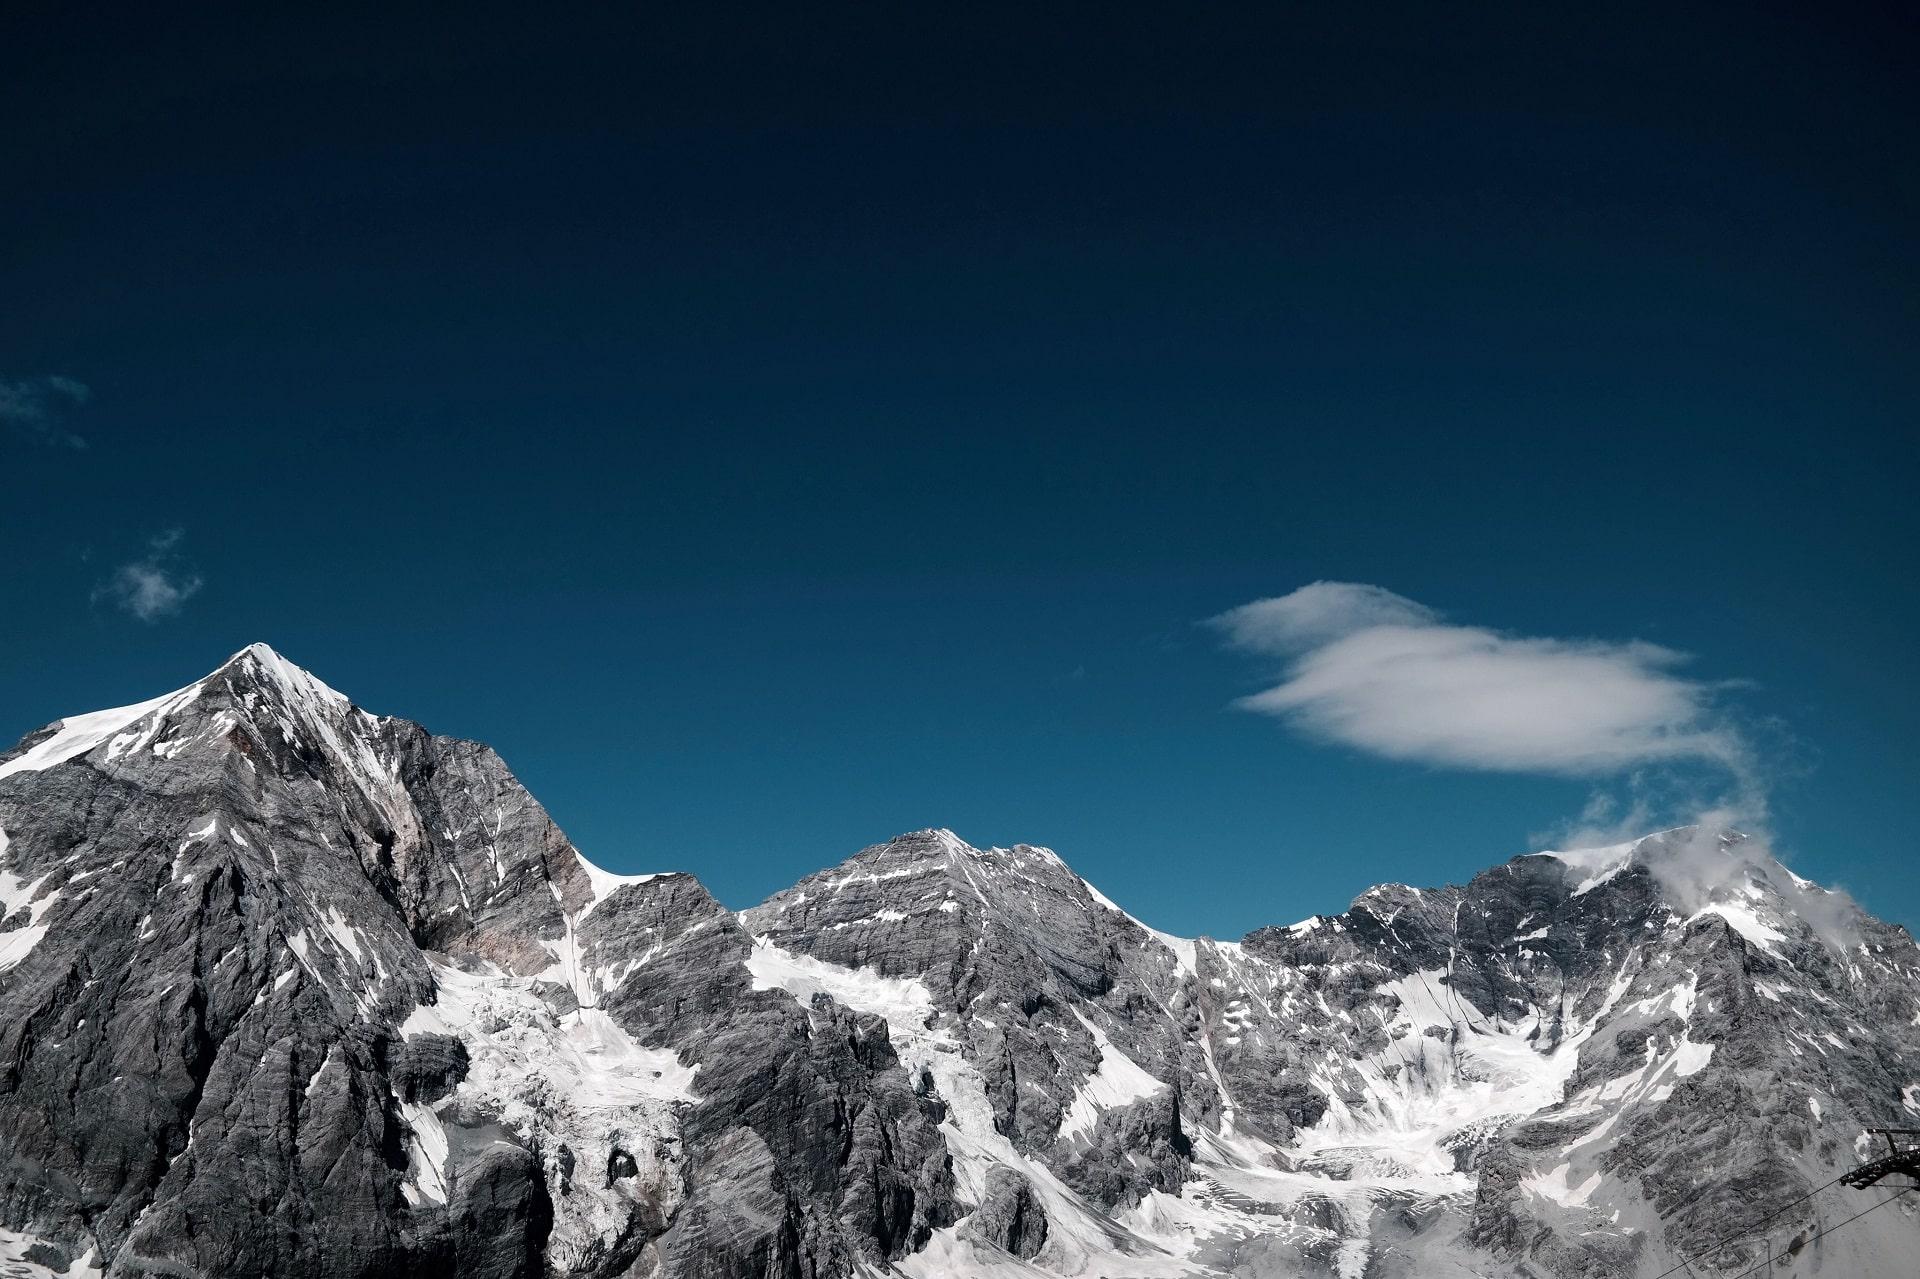 Λευκά Όρη: Στα μονοπάτια των προγόνων